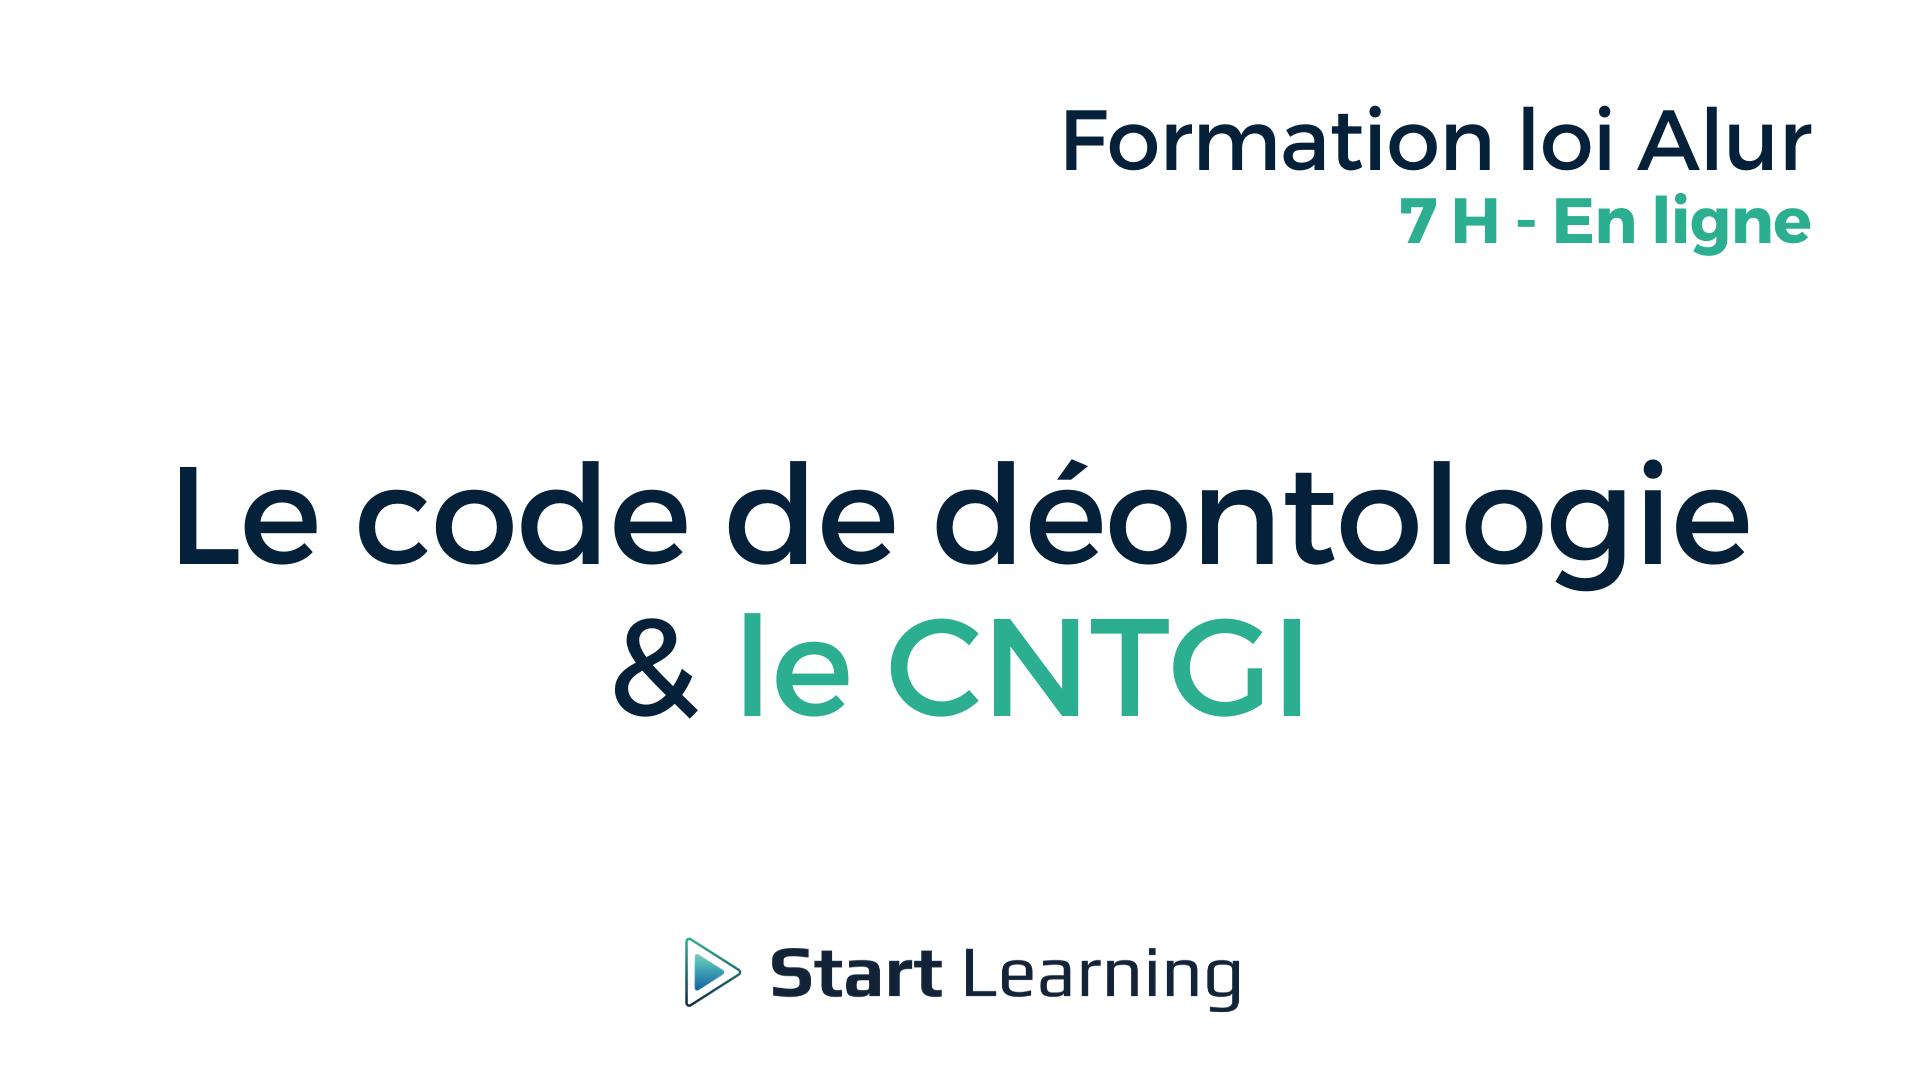 Formation loi Alur en ligne- Le code de déontologie et le CNTGI